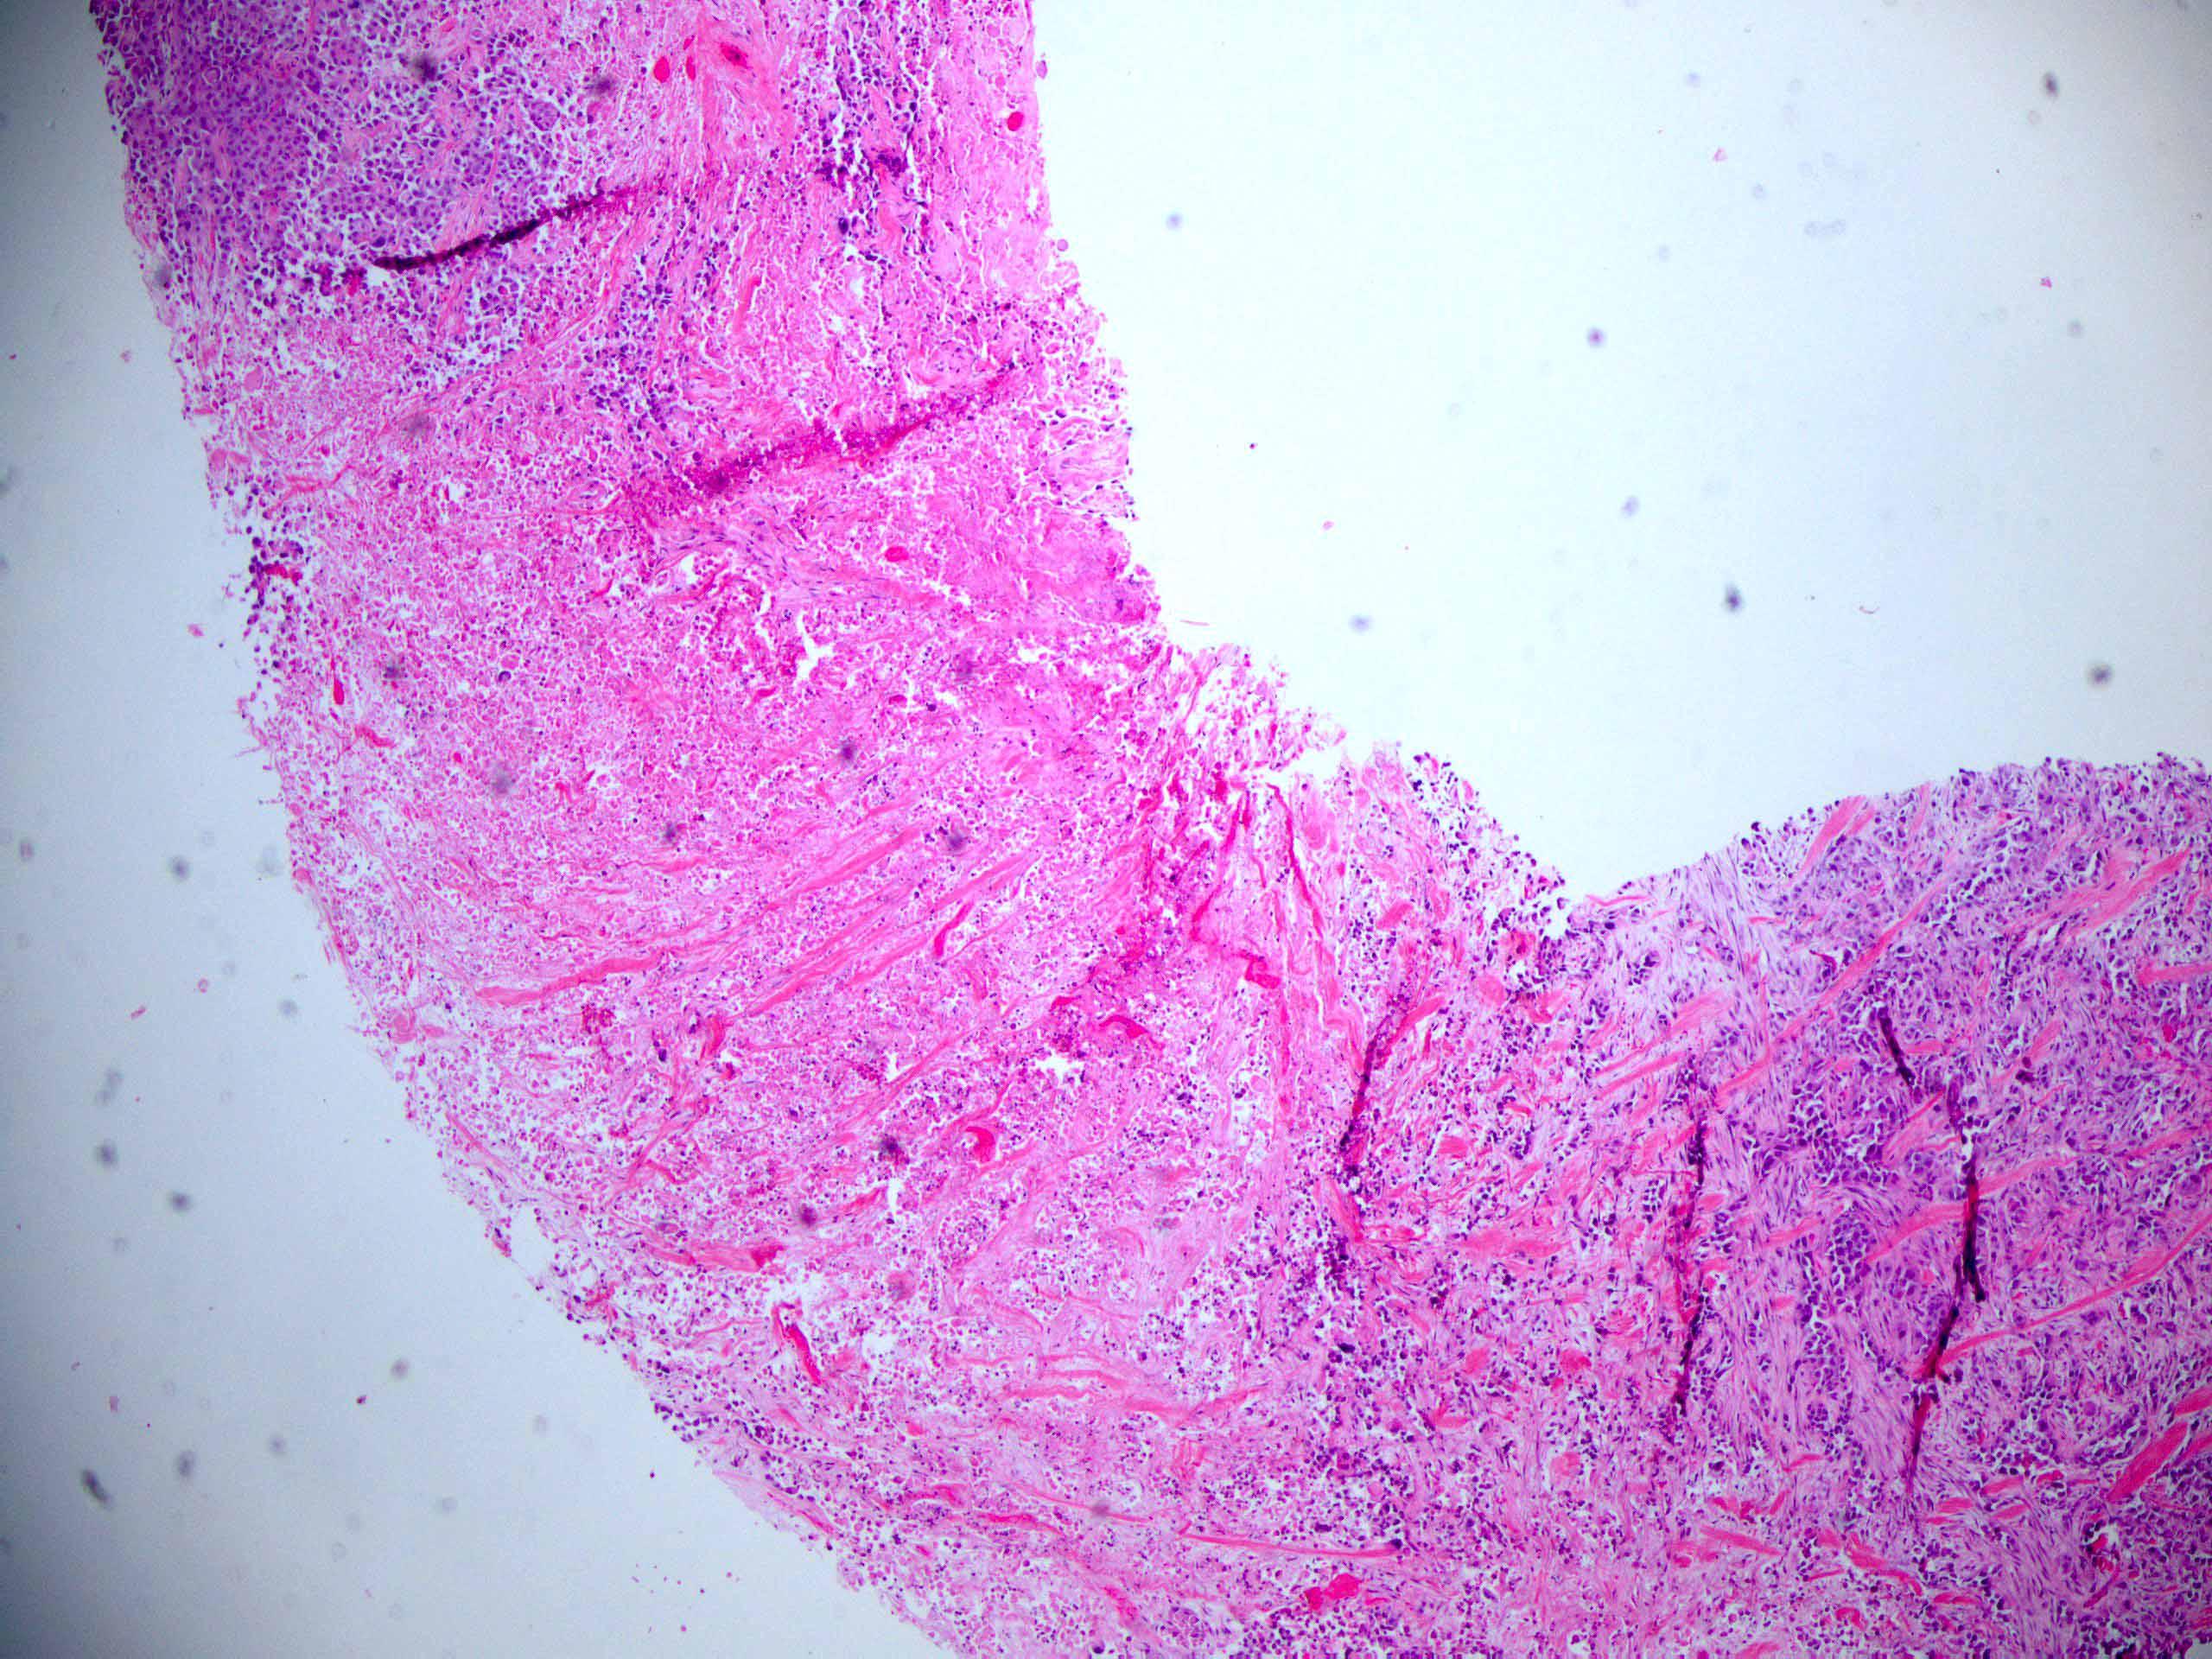 Metaplastic carcinoma with squamous differentiation